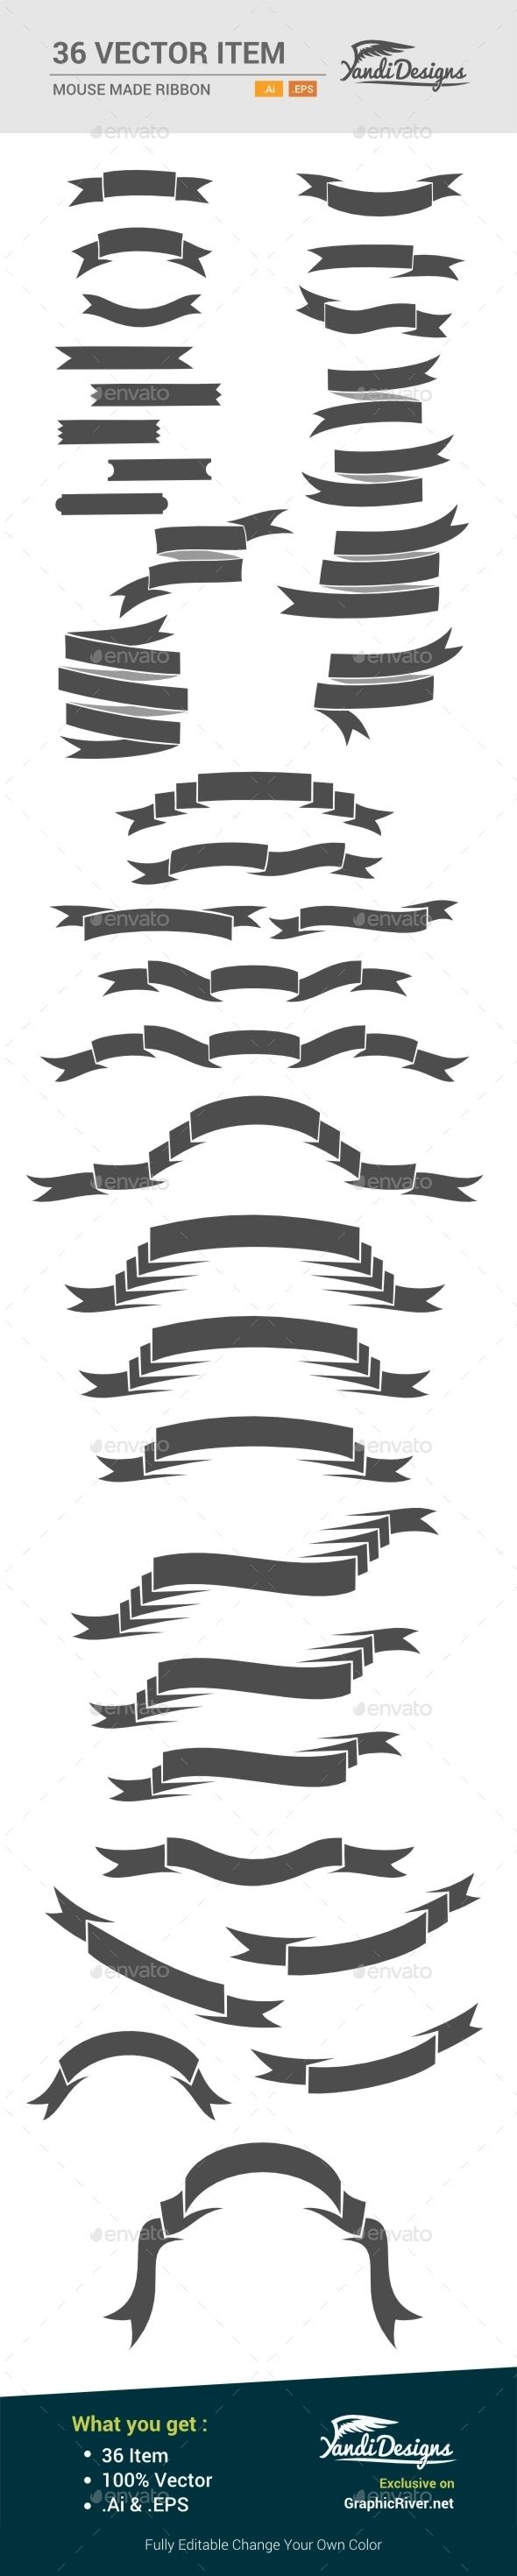 Ribbons - Decorative Vectors